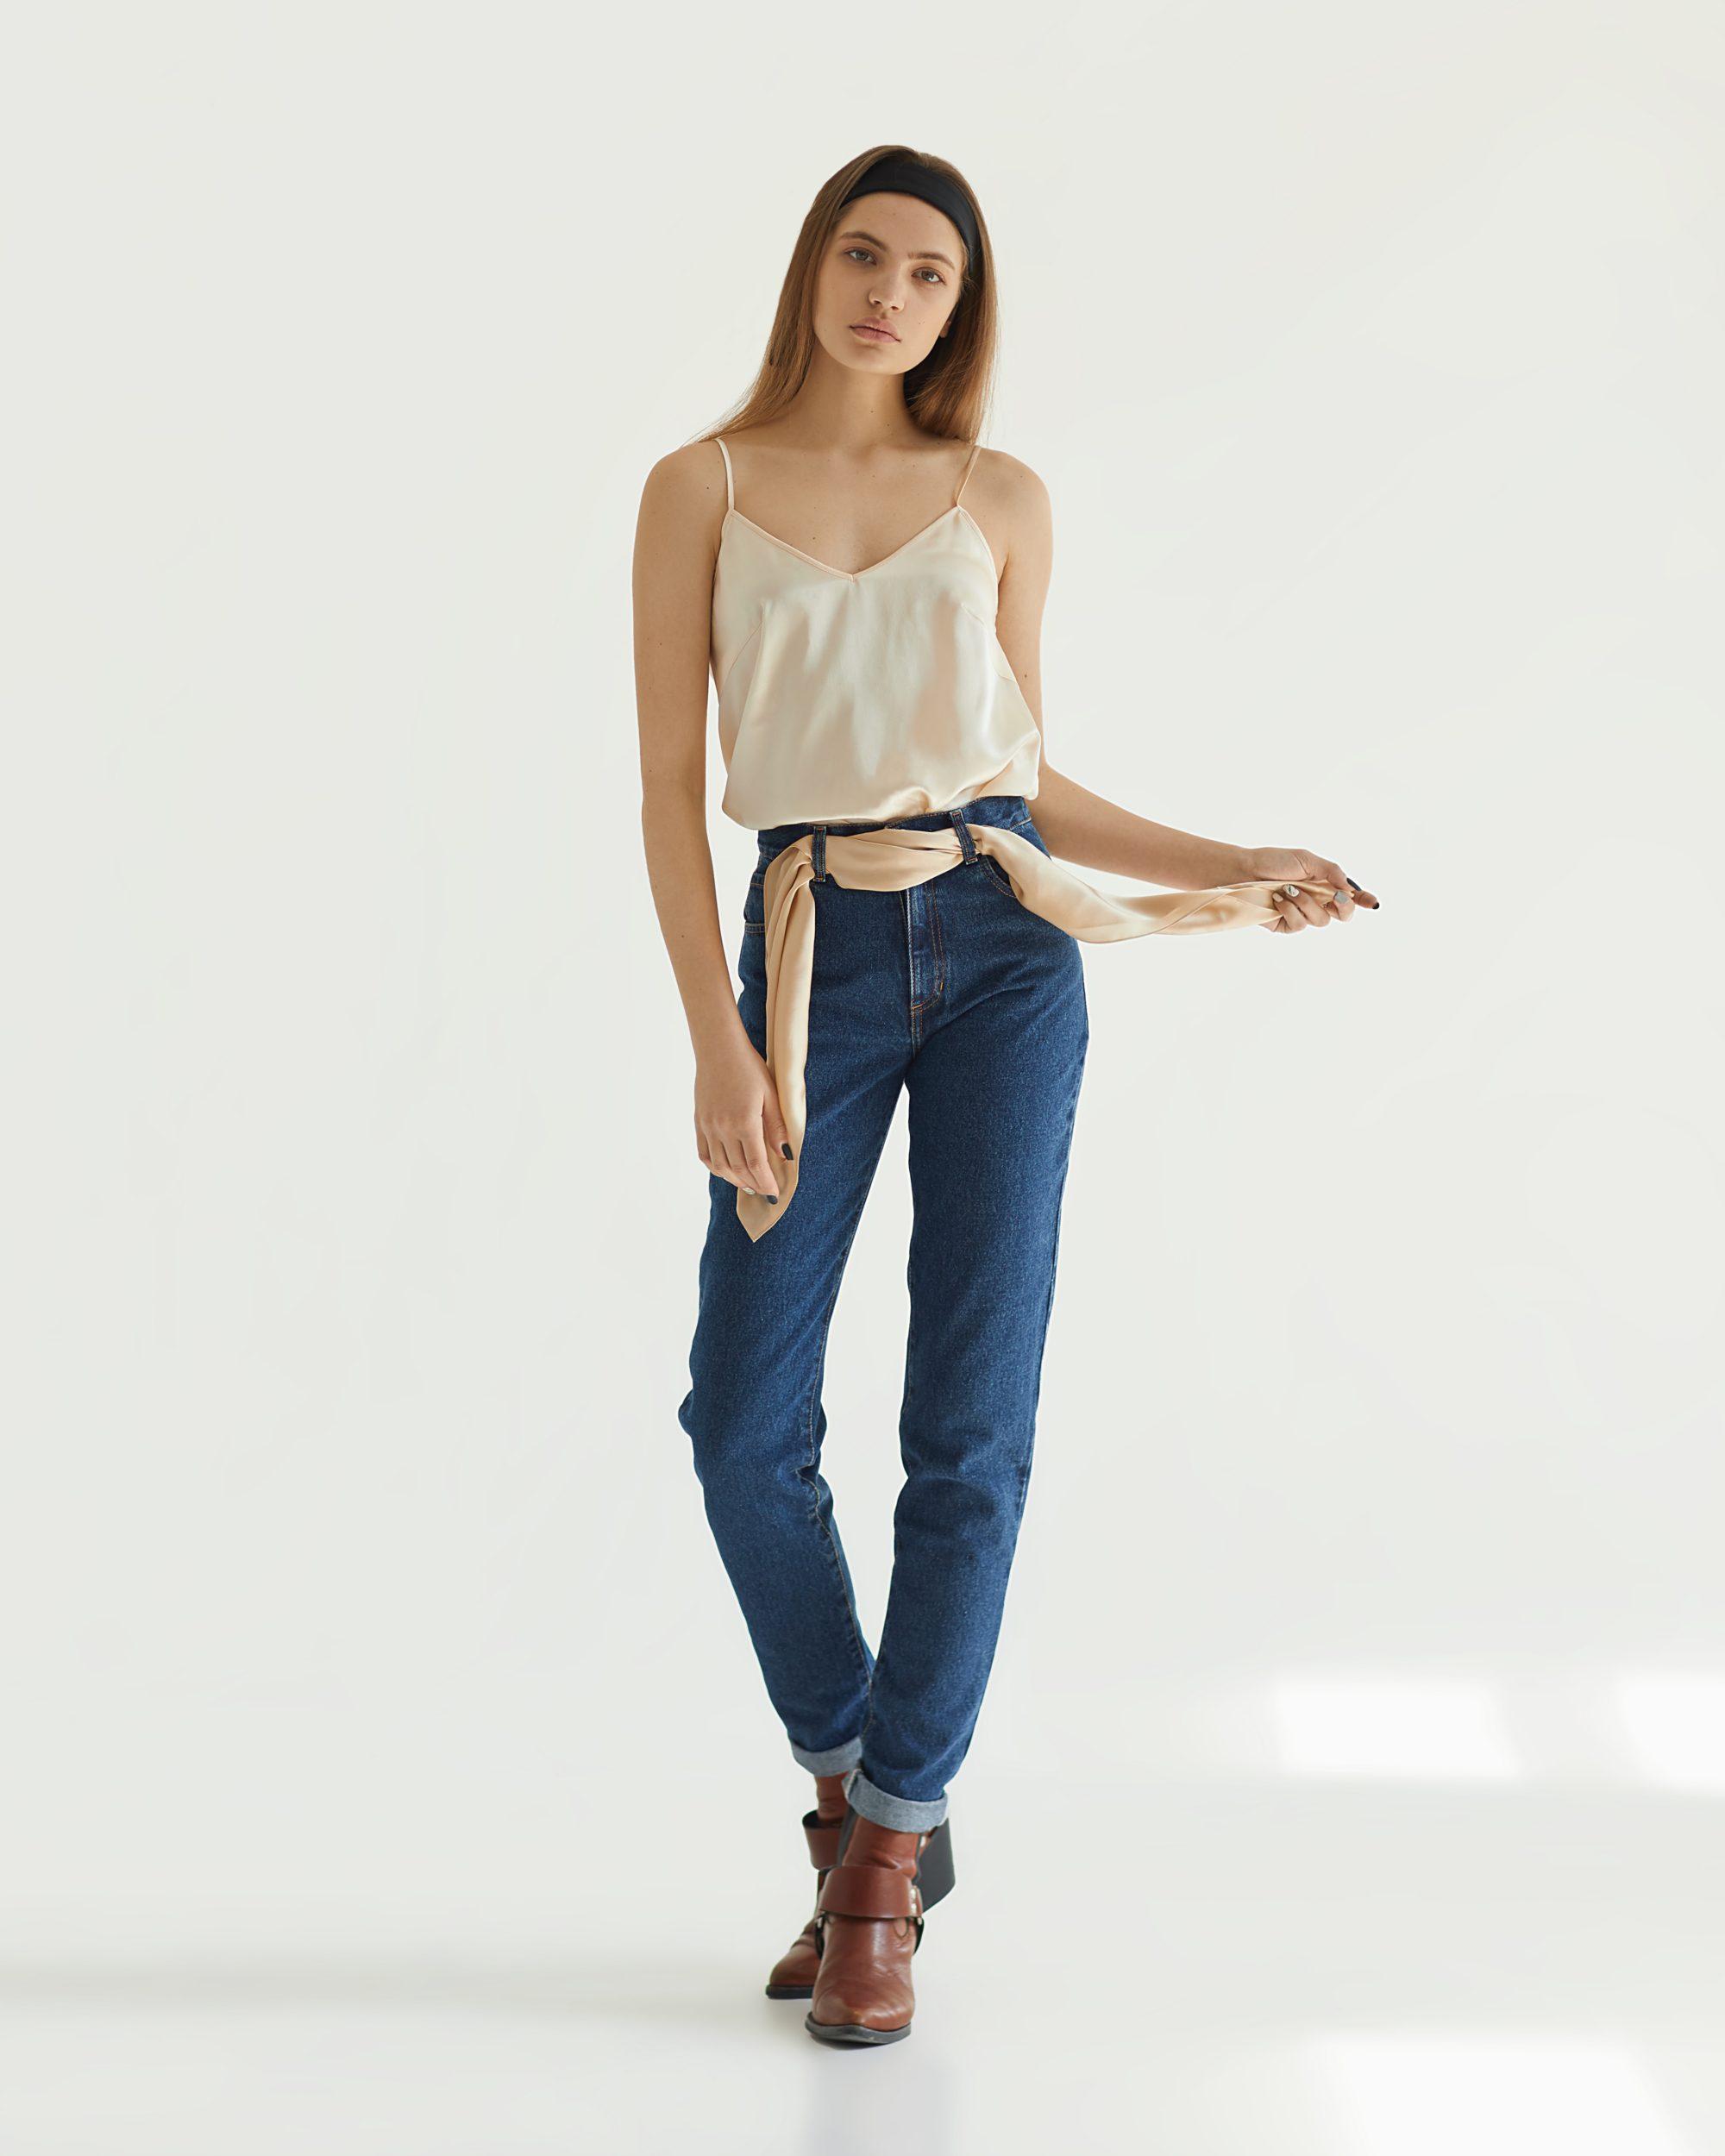 Tatman модные женские джинсы 2019 прямого кроя с летним топом